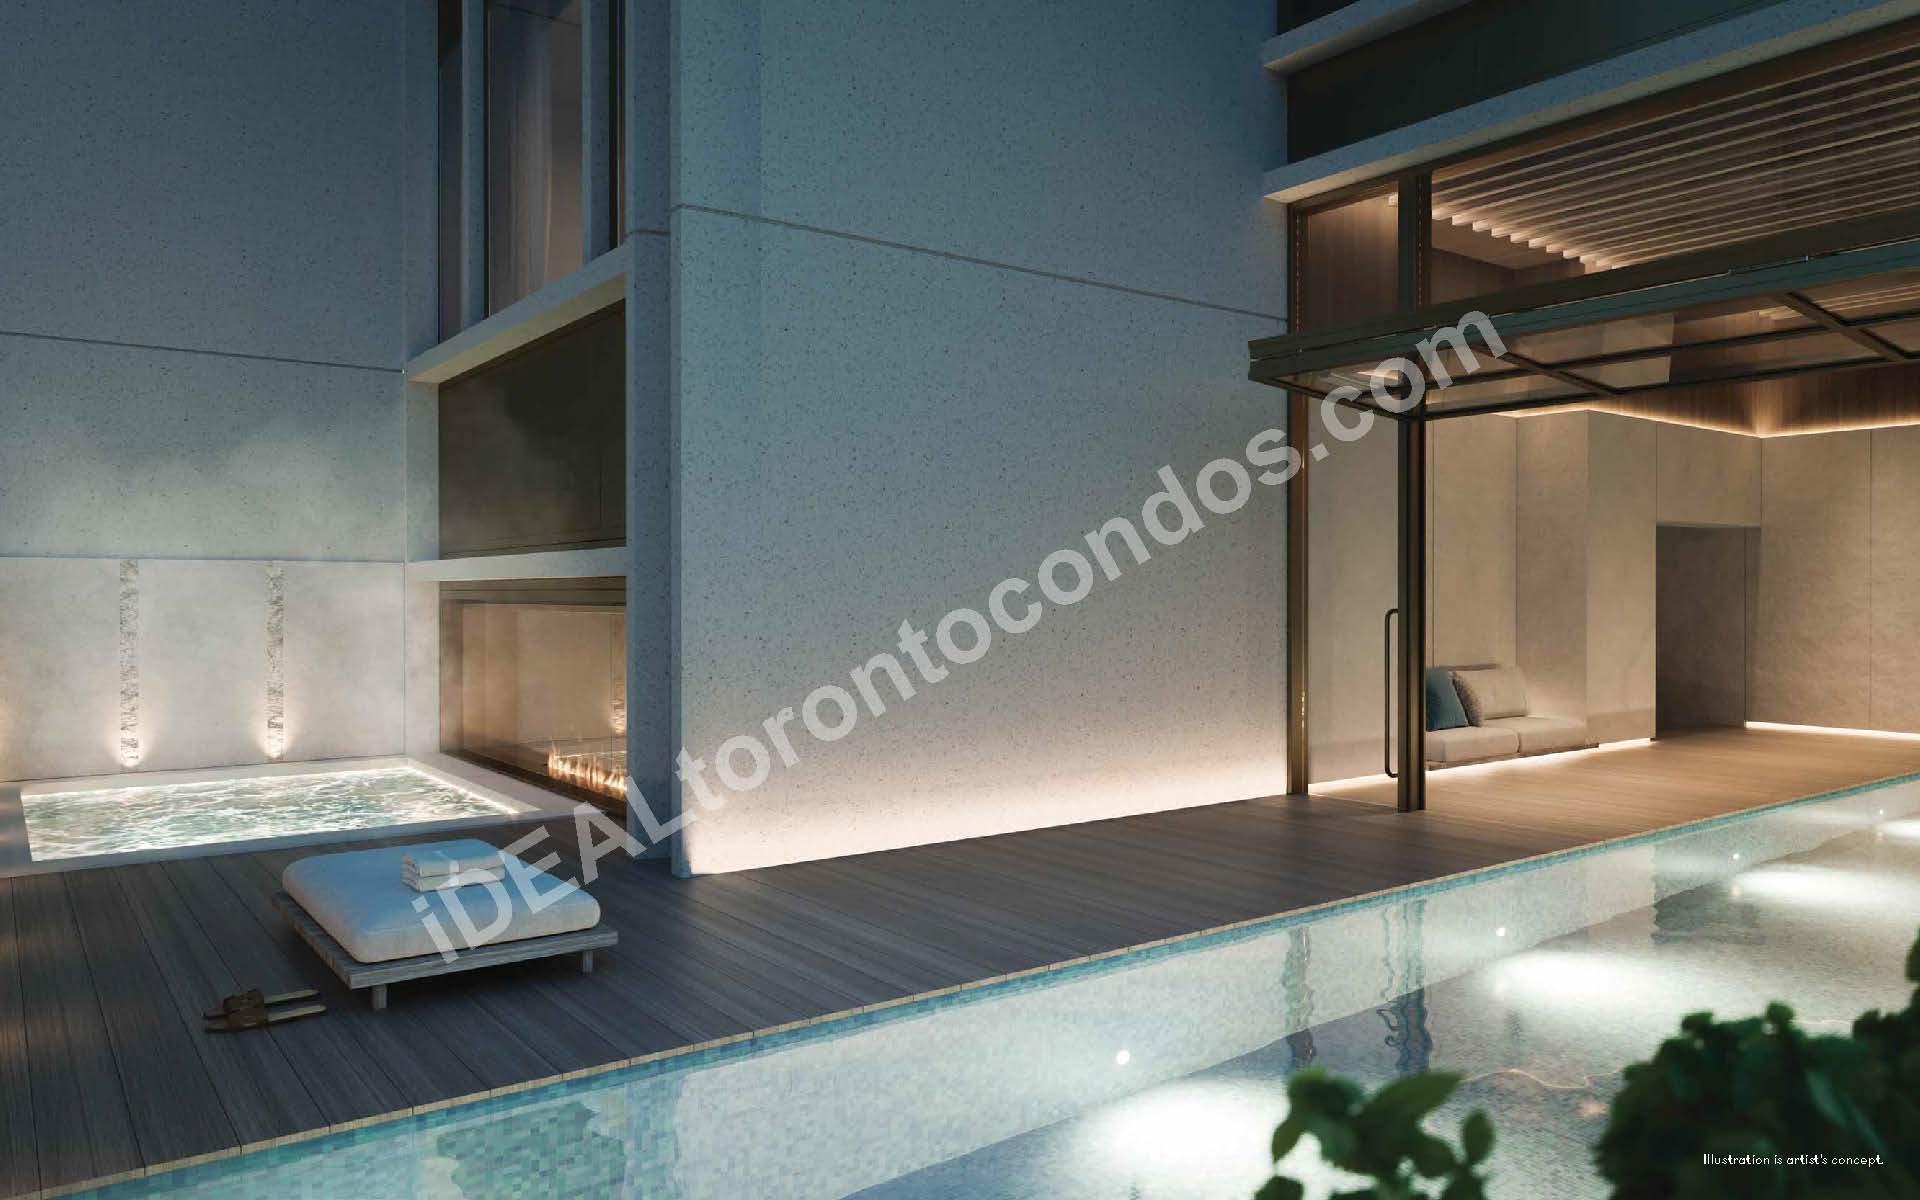 50 Scollard amenities_09